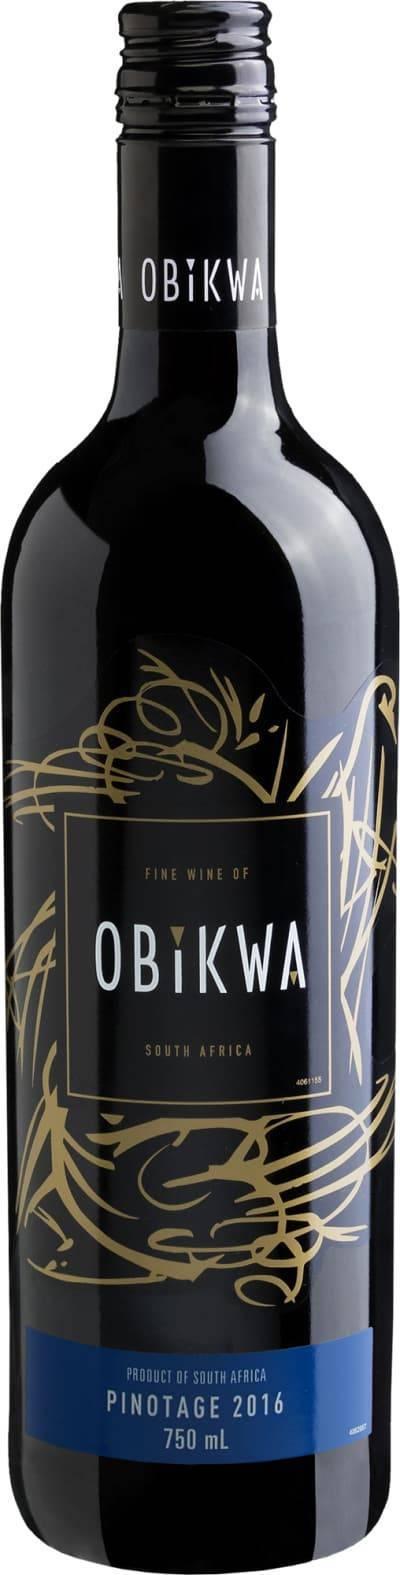 10 африканских вин, которые не хуже европейских, стоят дешевле и продаются в любом ближайшем магазине